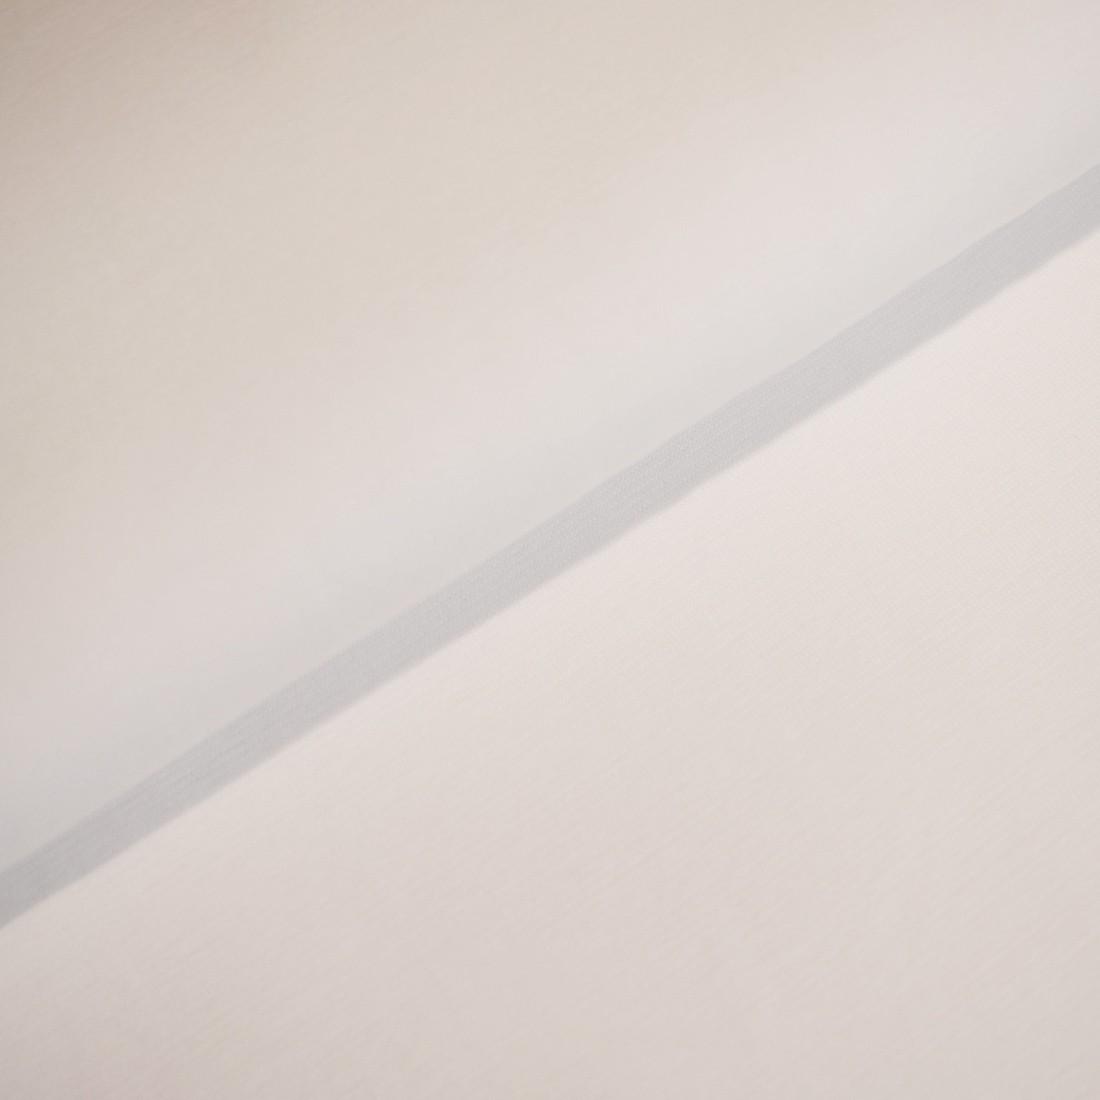 36 cm RESTSTÜCK-Bündchen - Weiß *Schlauchware*-